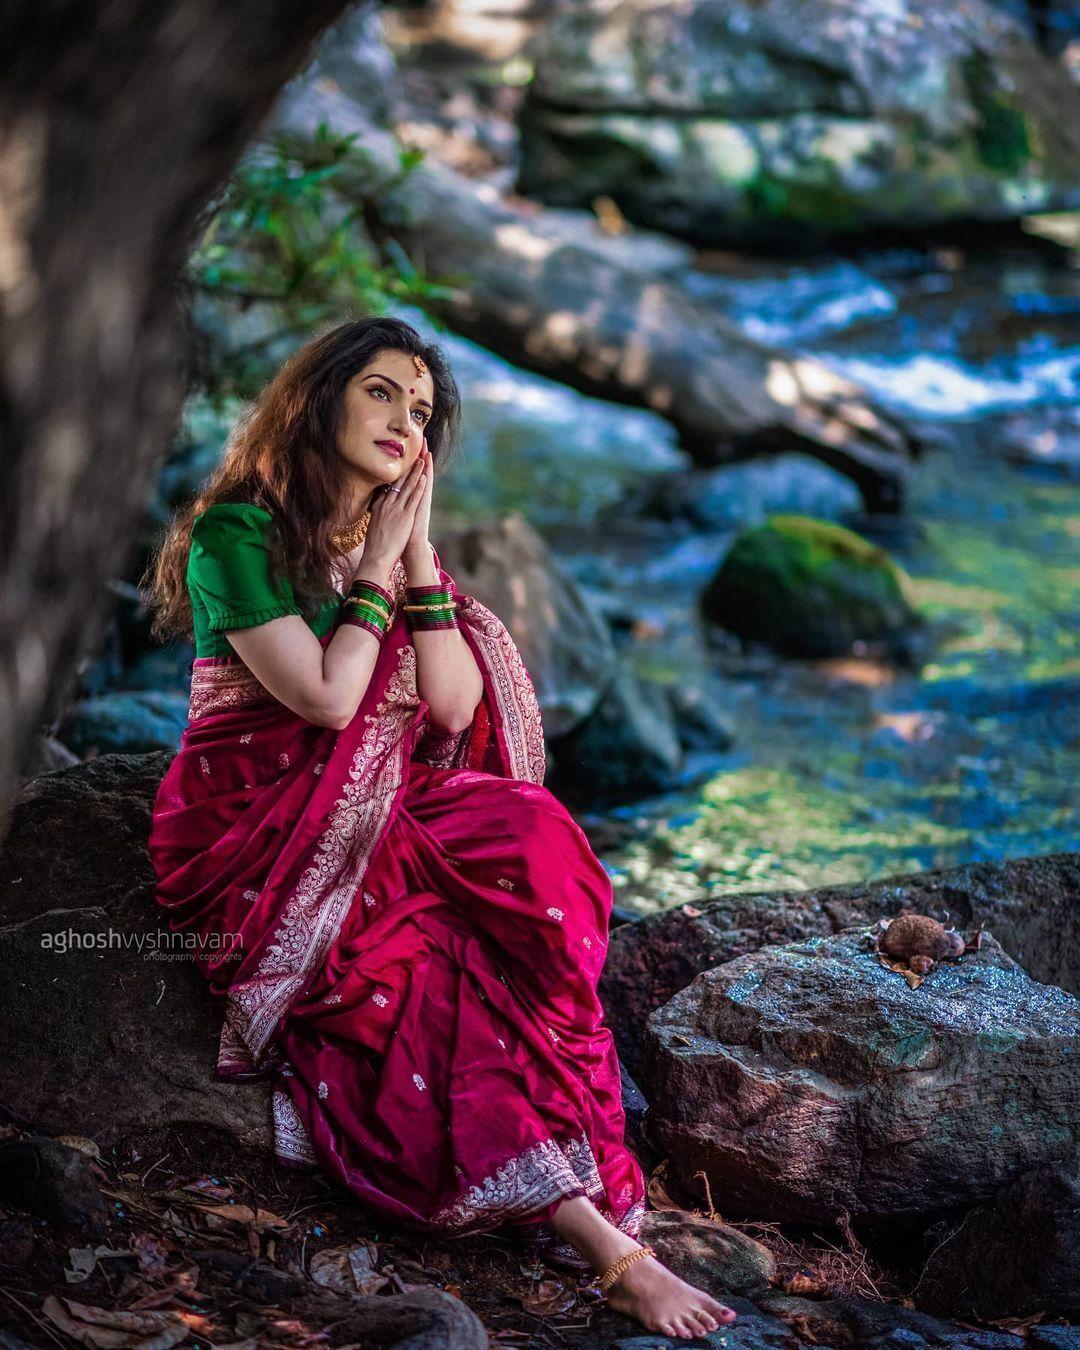 നടി ഹണി റോസിന്റെ വൈറല് ചിത്രങ്ങള്